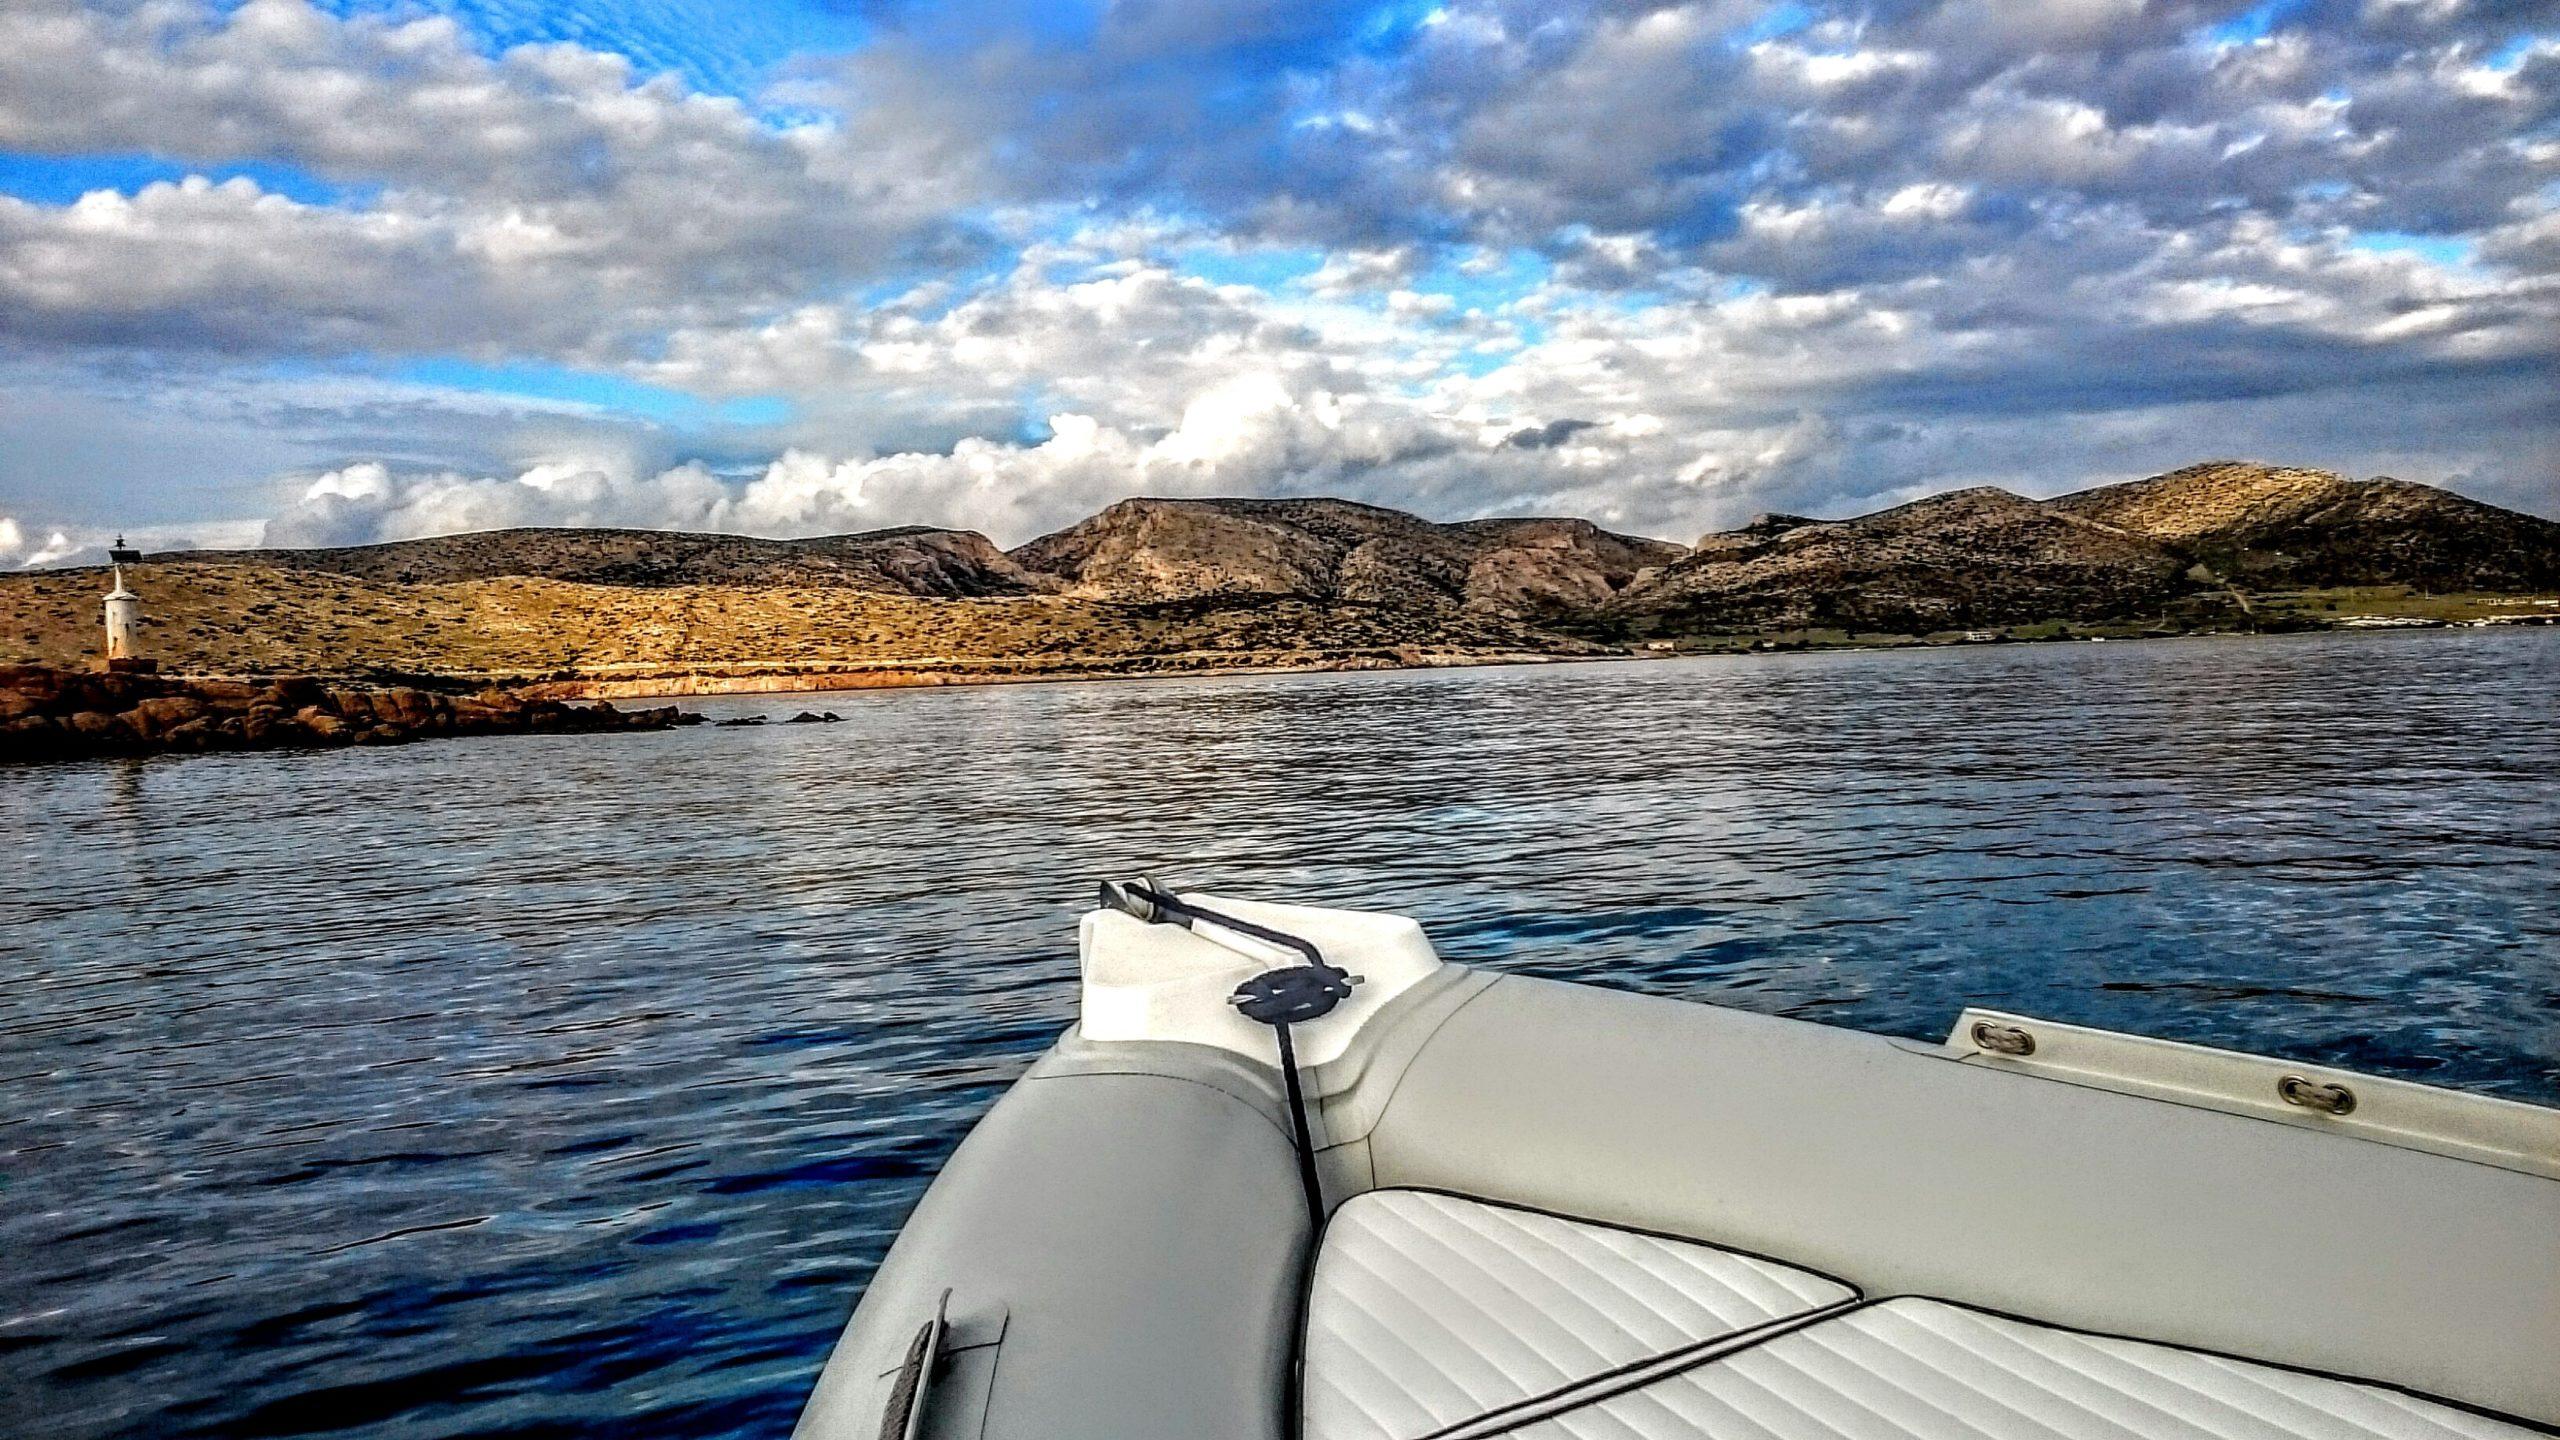 Ιόνιο πέλαγος, ψαροτούφεκο, Επτάνησα